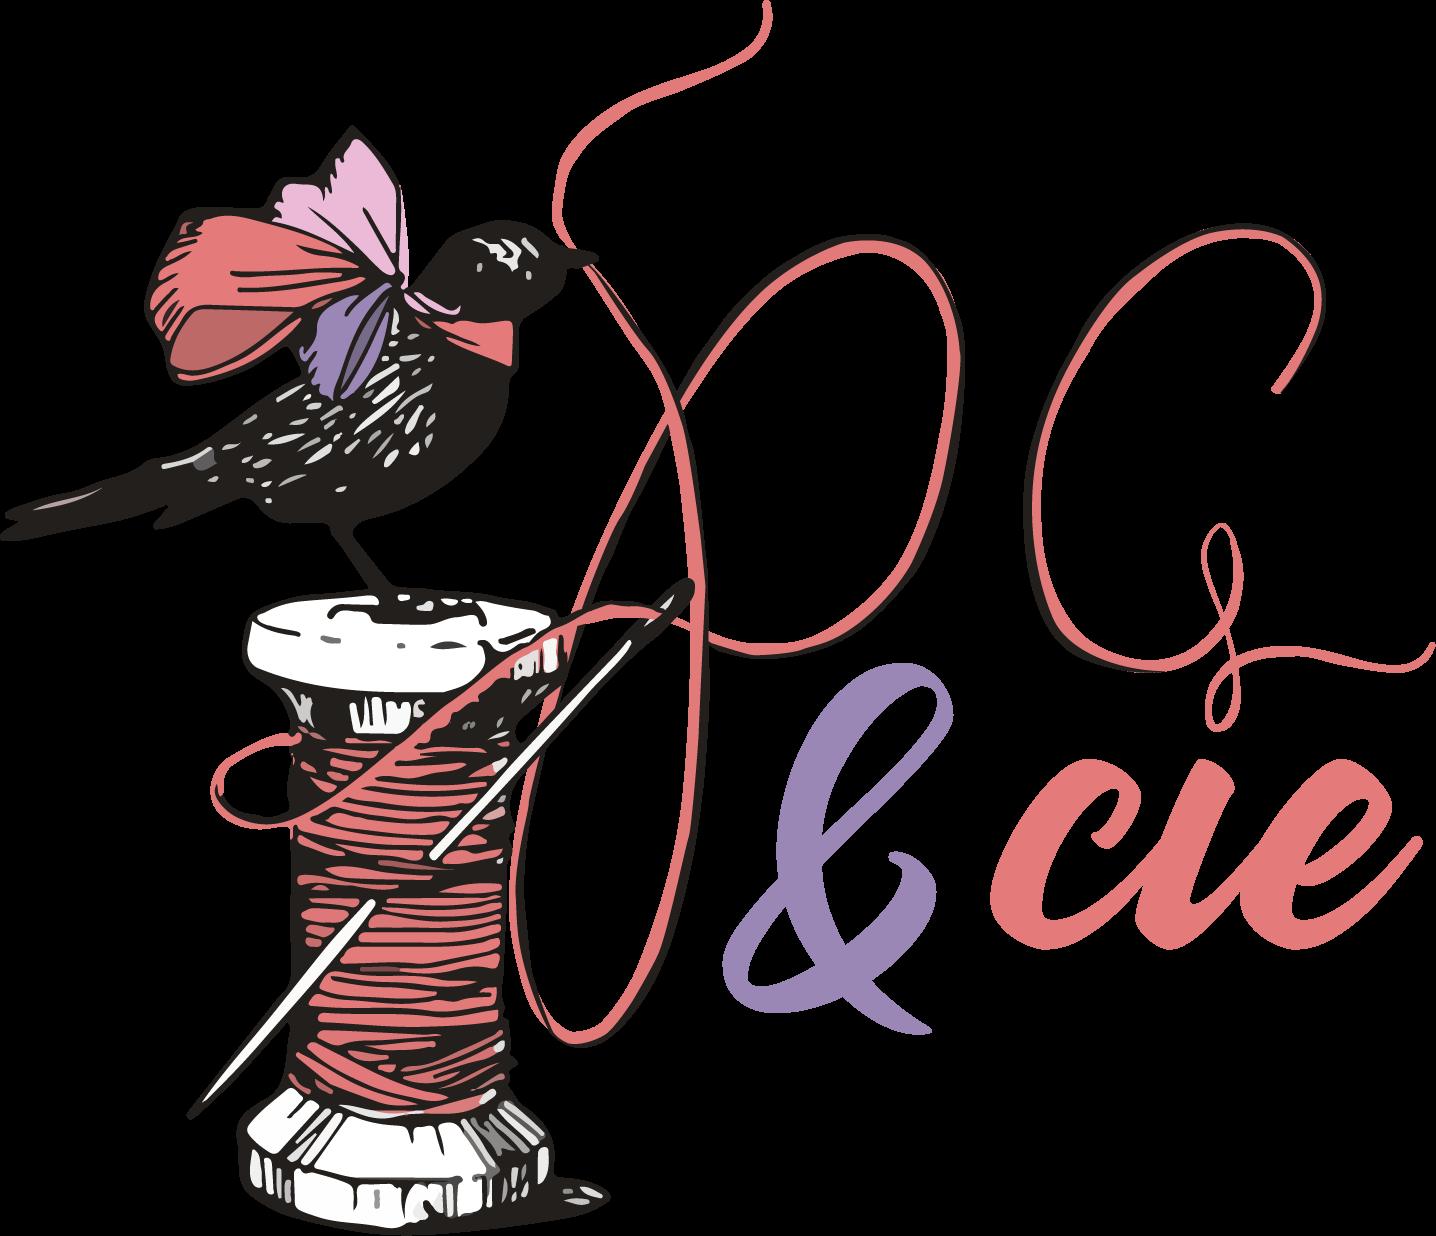 AFdC devient PC&Cie